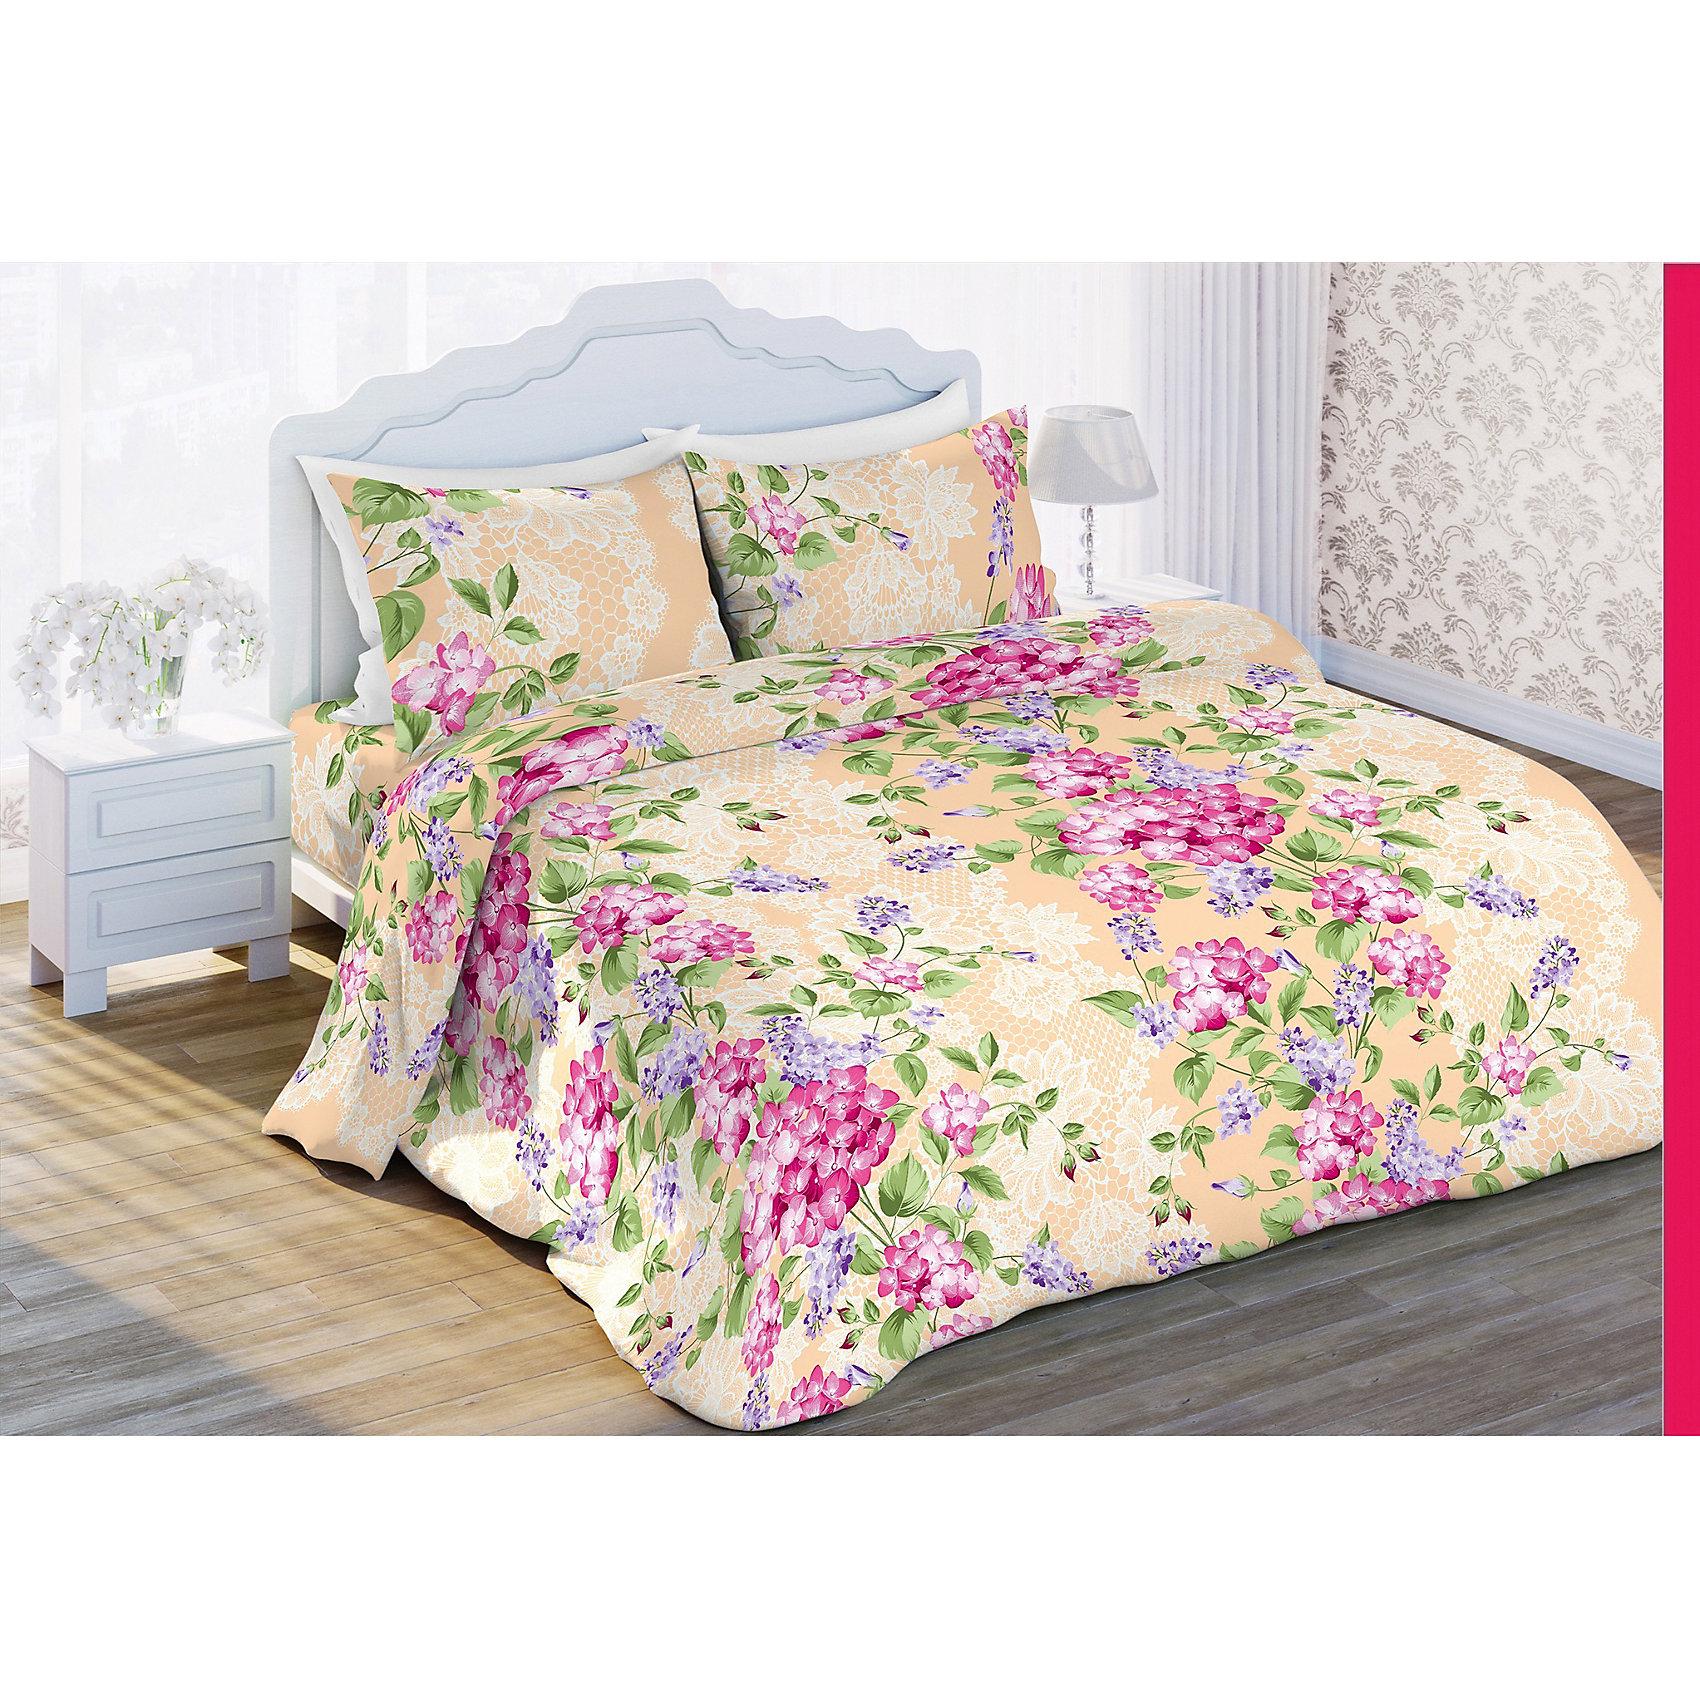 Постельное белье 1,5 БИО Комфорт, Вальс цветов, Любимый домДомашний текстиль<br>Постельное белье 1,5 БИО Комфорт, Вальс цветов, Любимый дом<br><br>Характеристики:<br><br>• изготовлен из мягкой прочной бязи<br>• привлекательный дизайн<br>• в комплекте: пододеяльник, простыня, наволочки (2 шт.)<br>• тип комплекта: 1,5-спальный<br>• материал: БИО комфорт (100% хлопок)<br>• размер пододеяльника: 215х145 см<br>• размер простыни: 220х150 см<br>• размер наволочки: 70х70 см<br>• плотность: 115 г/м2<br><br>Комплект постельного белья от торговой марки Любимый Дом изготовлен из традиционной бязи высокого качества. Материал очень приятен на ощупь и обладает такими качествами как прочность, долговечность и устойчивость при стирке. Белье не изменится в размере и не потеряет свой цвет. В комплект входят: пододеяльник, простыня и две наволочки. Белье украшено узором с изображением цветов, отлично дополняющим интерьер каждой спальни.<br><br>Постельное белье 1,5 БИО Комфорт, Вальс цветов, Любимый дом вы можете купить в нашем интернет-магазине.<br><br>Ширина мм: 350<br>Глубина мм: 290<br>Высота мм: 150<br>Вес г: 1400<br>Возраст от месяцев: 36<br>Возраст до месяцев: 216<br>Пол: Женский<br>Возраст: Детский<br>SKU: 5288417